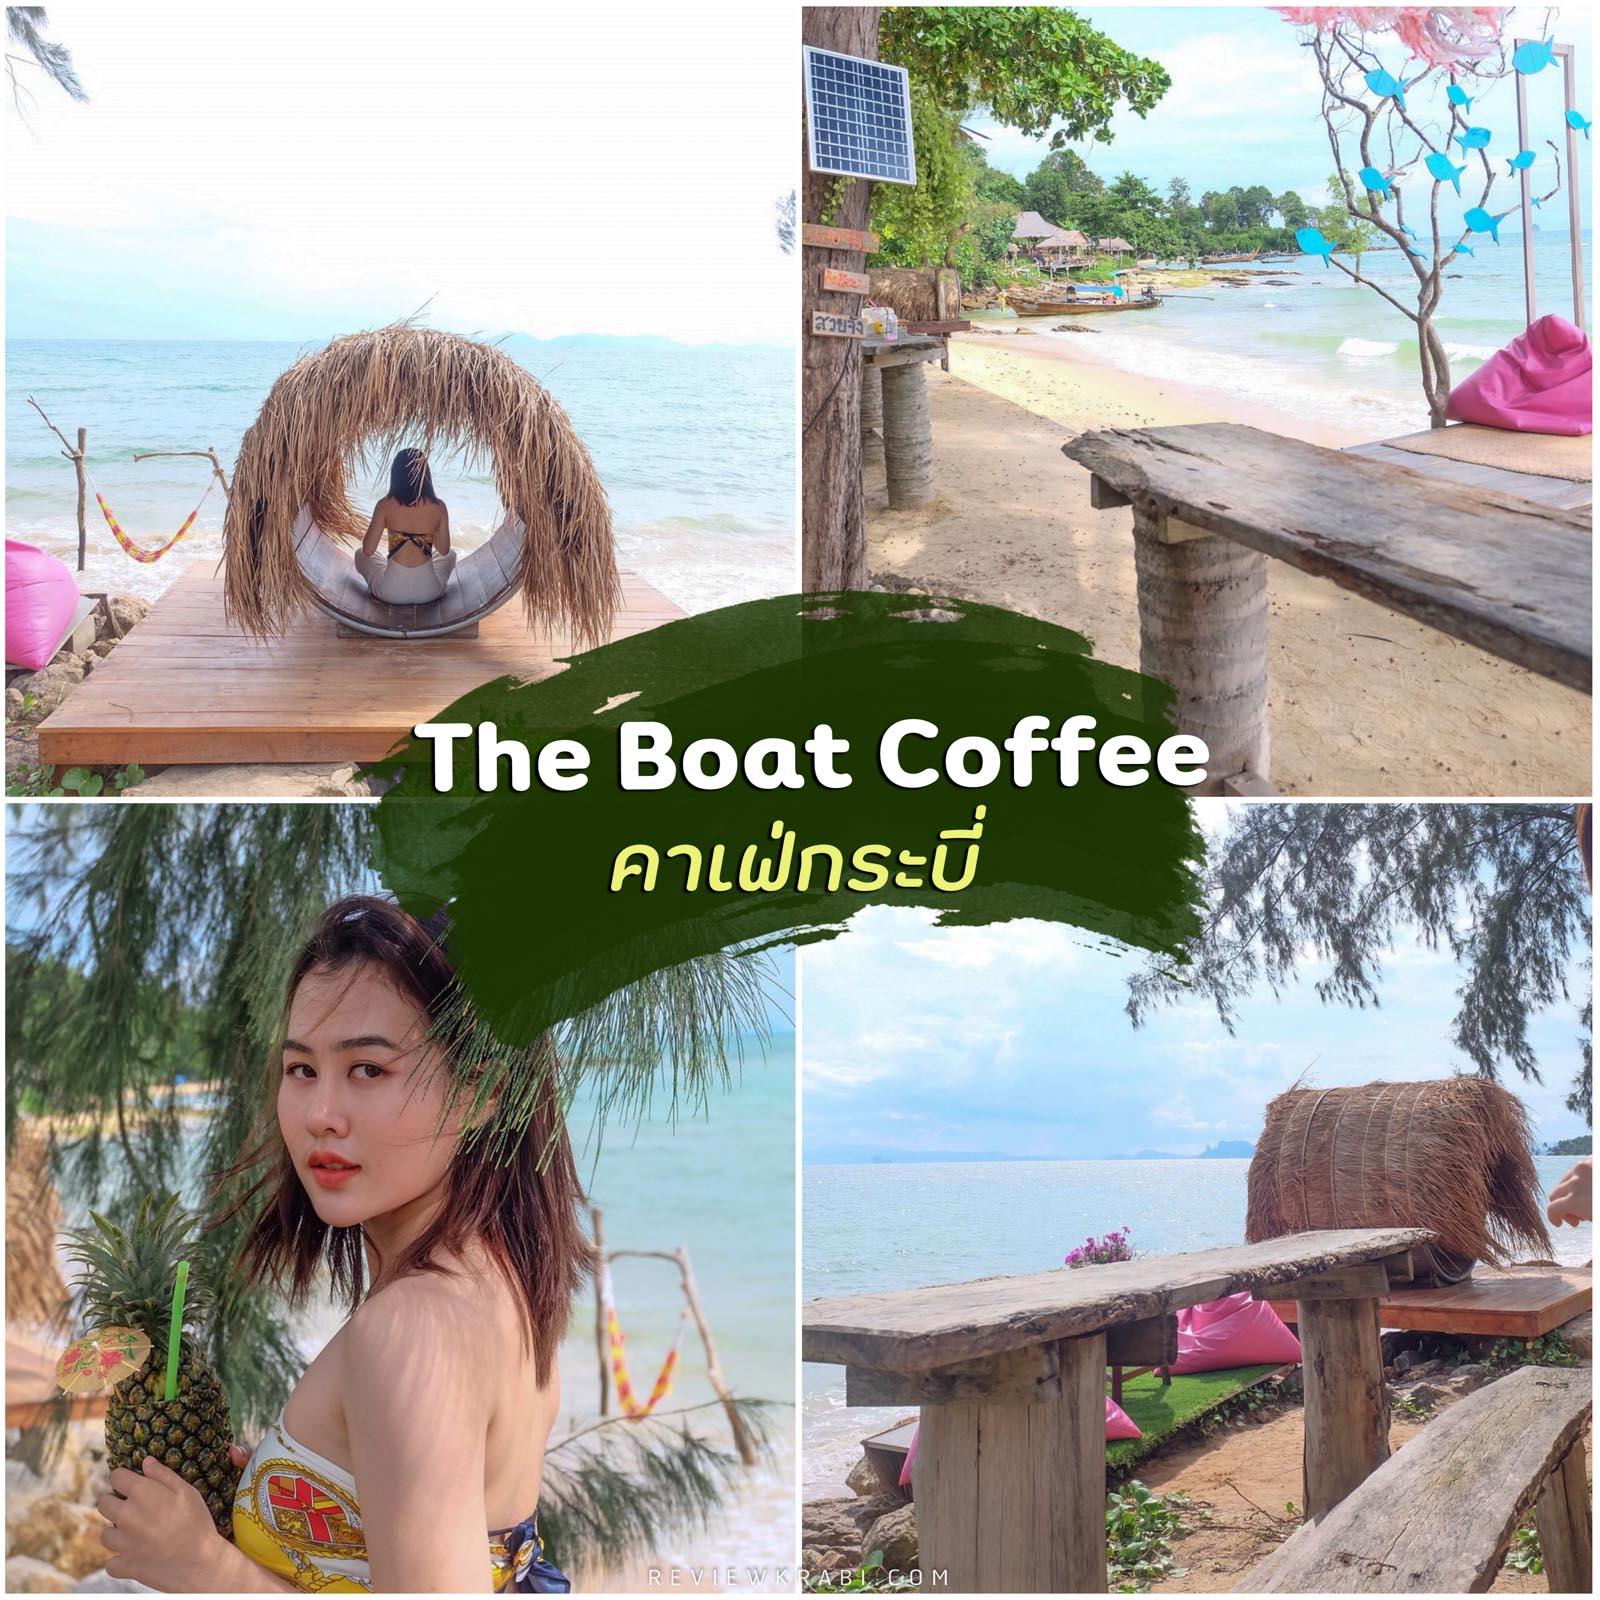 the boat coffee กระบี่ คาเฟ่สายนั่งชิว มุมถ่ายรูปสวยๆต้องห้ามพลาดมาเช็คอินกันให้ 10/10